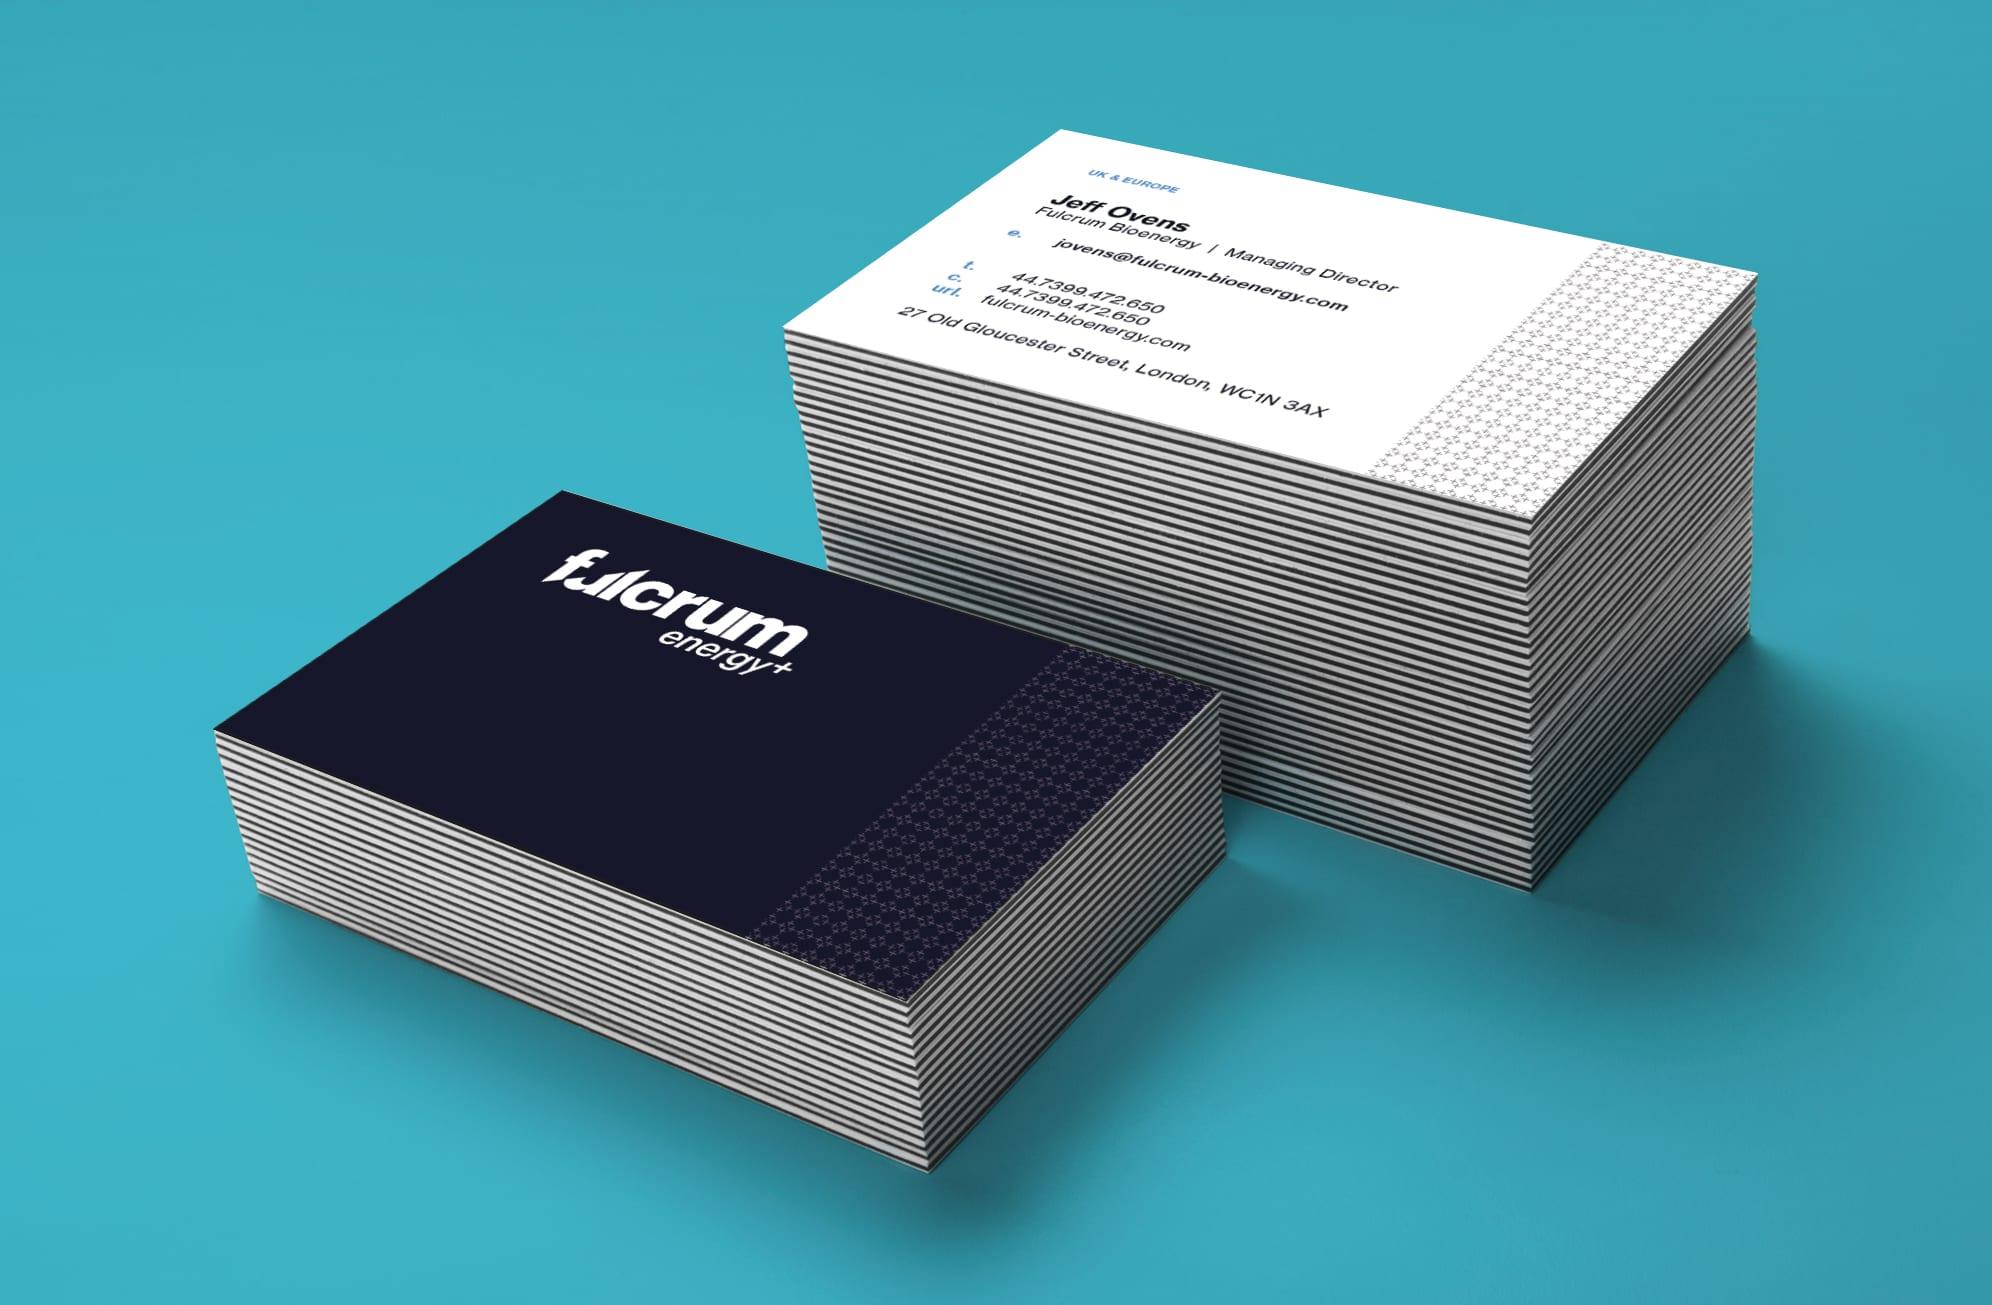 clp_fulcrum_businesscard_3dmocks2